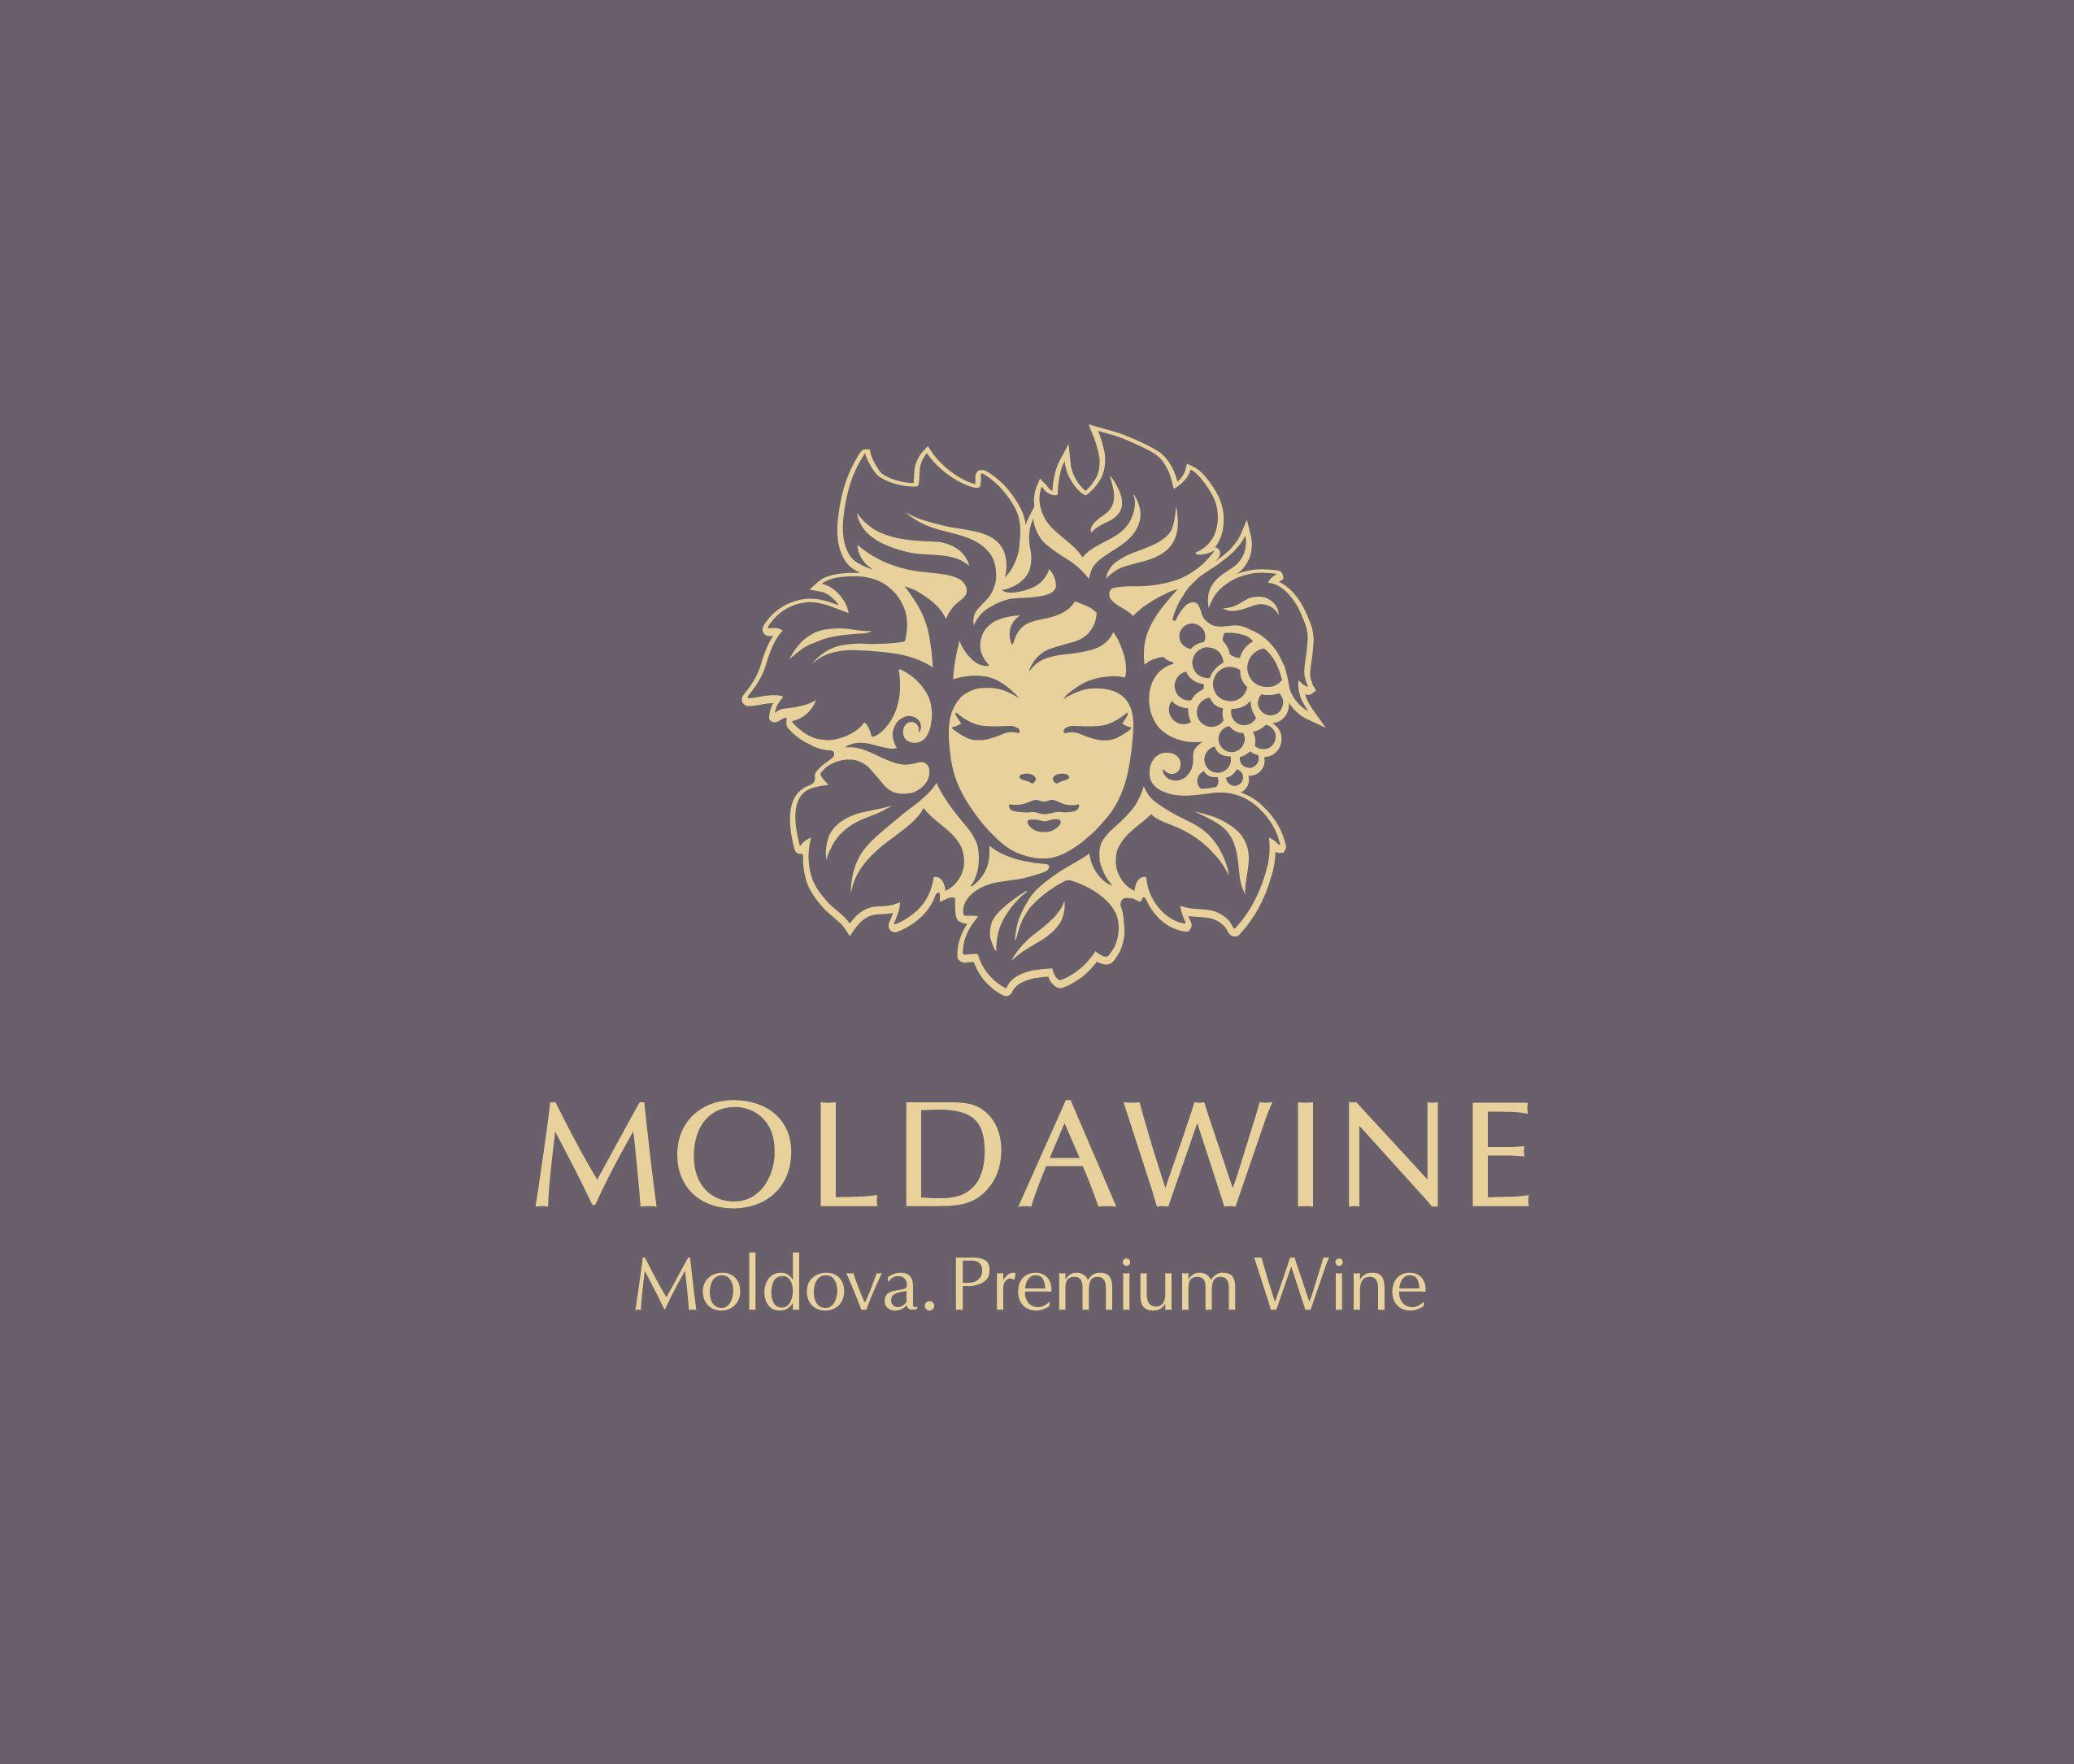 MOLDAWINE